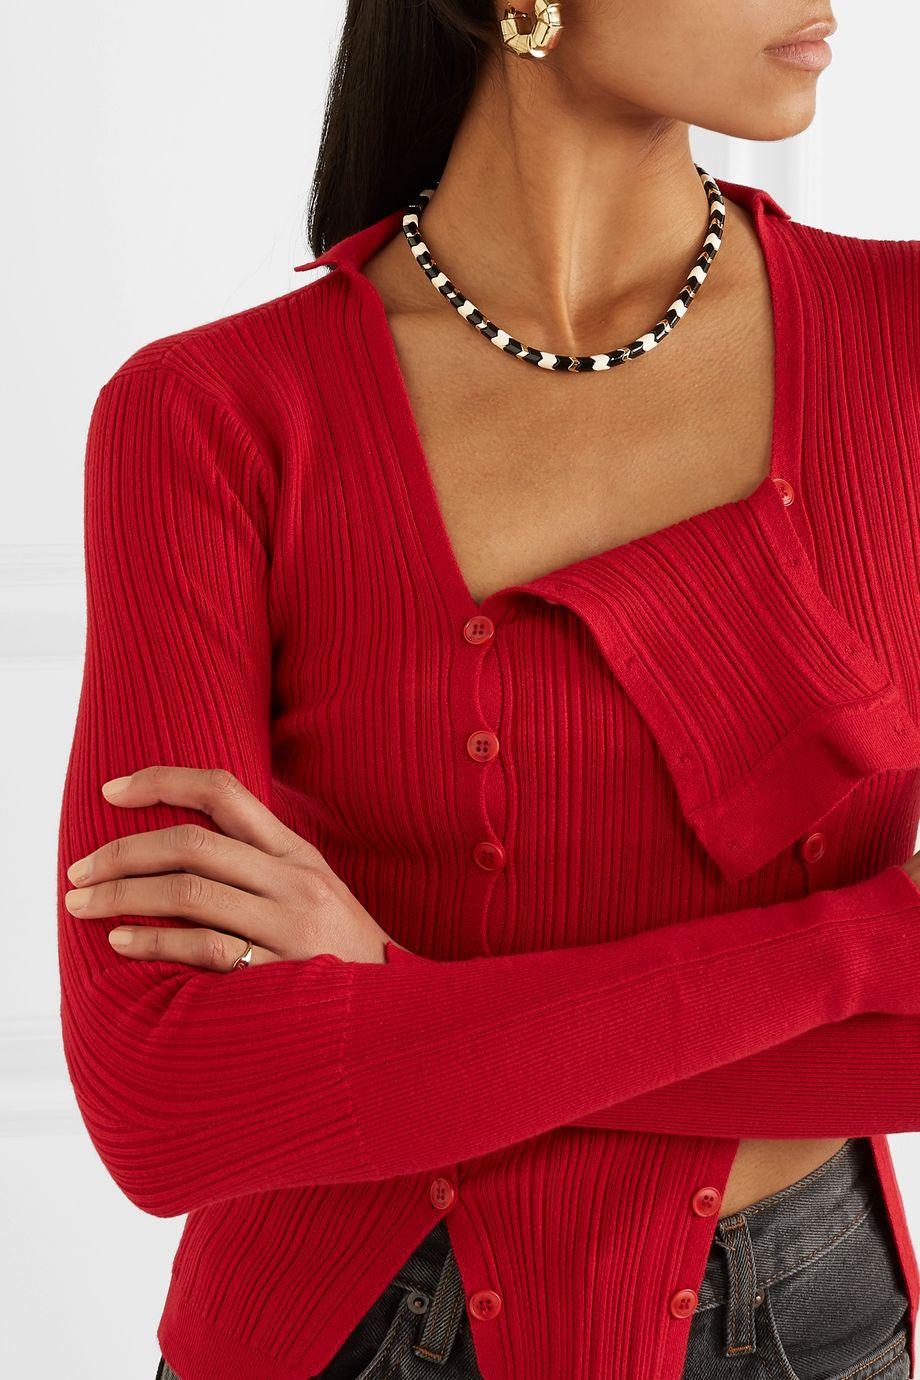 Roxanne Assoulin Suit Yourself Kette mit goldfarbenen Details und Emaille